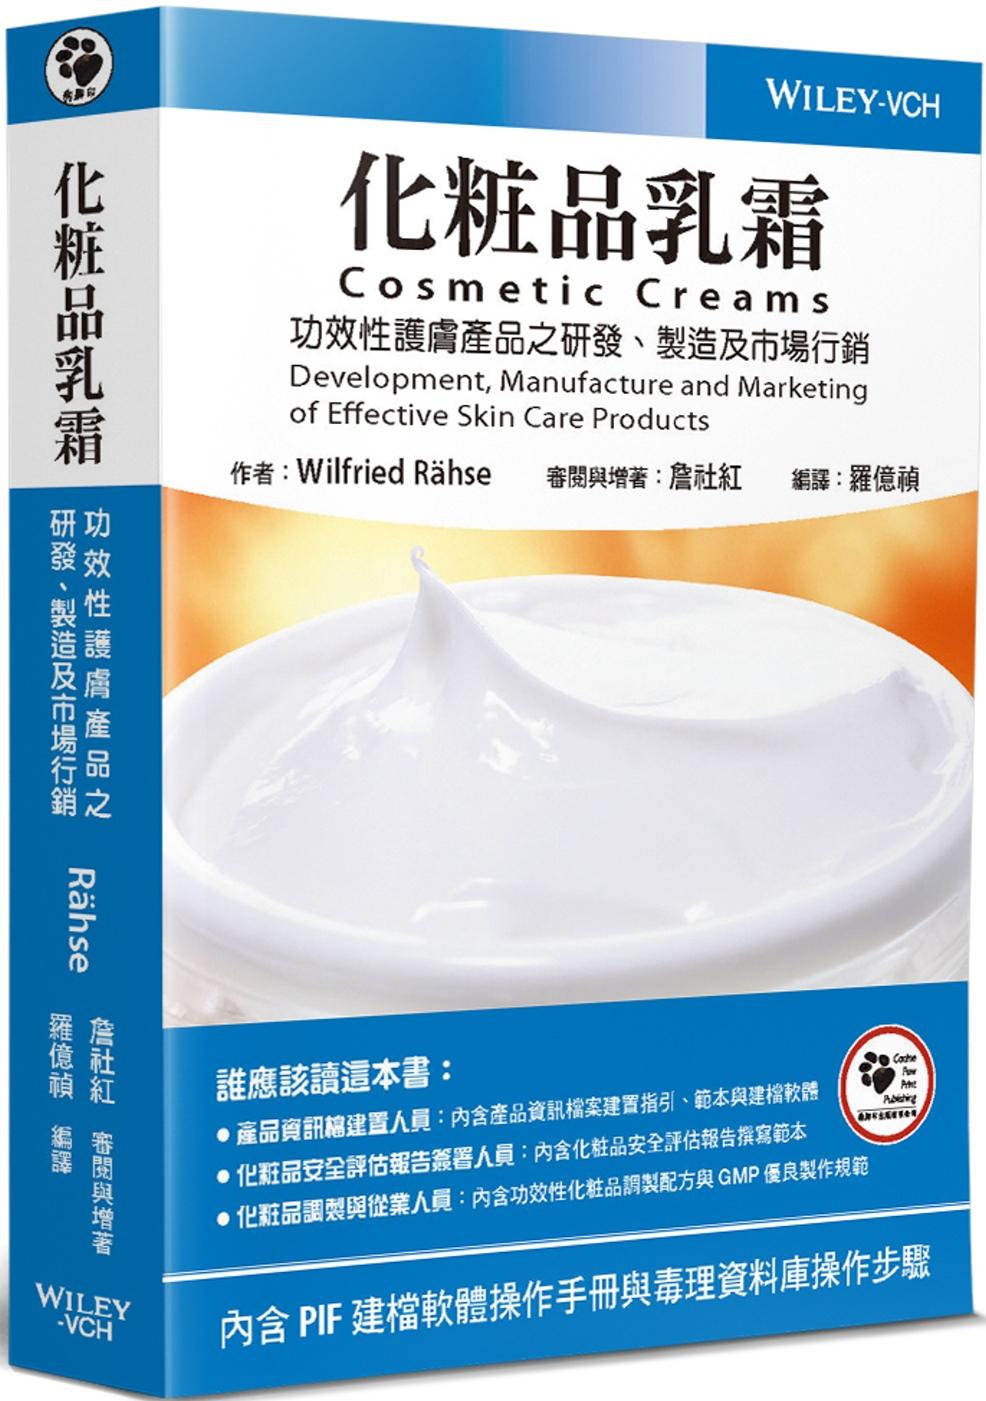 化粧品乳霜:功效性護膚產品之研...